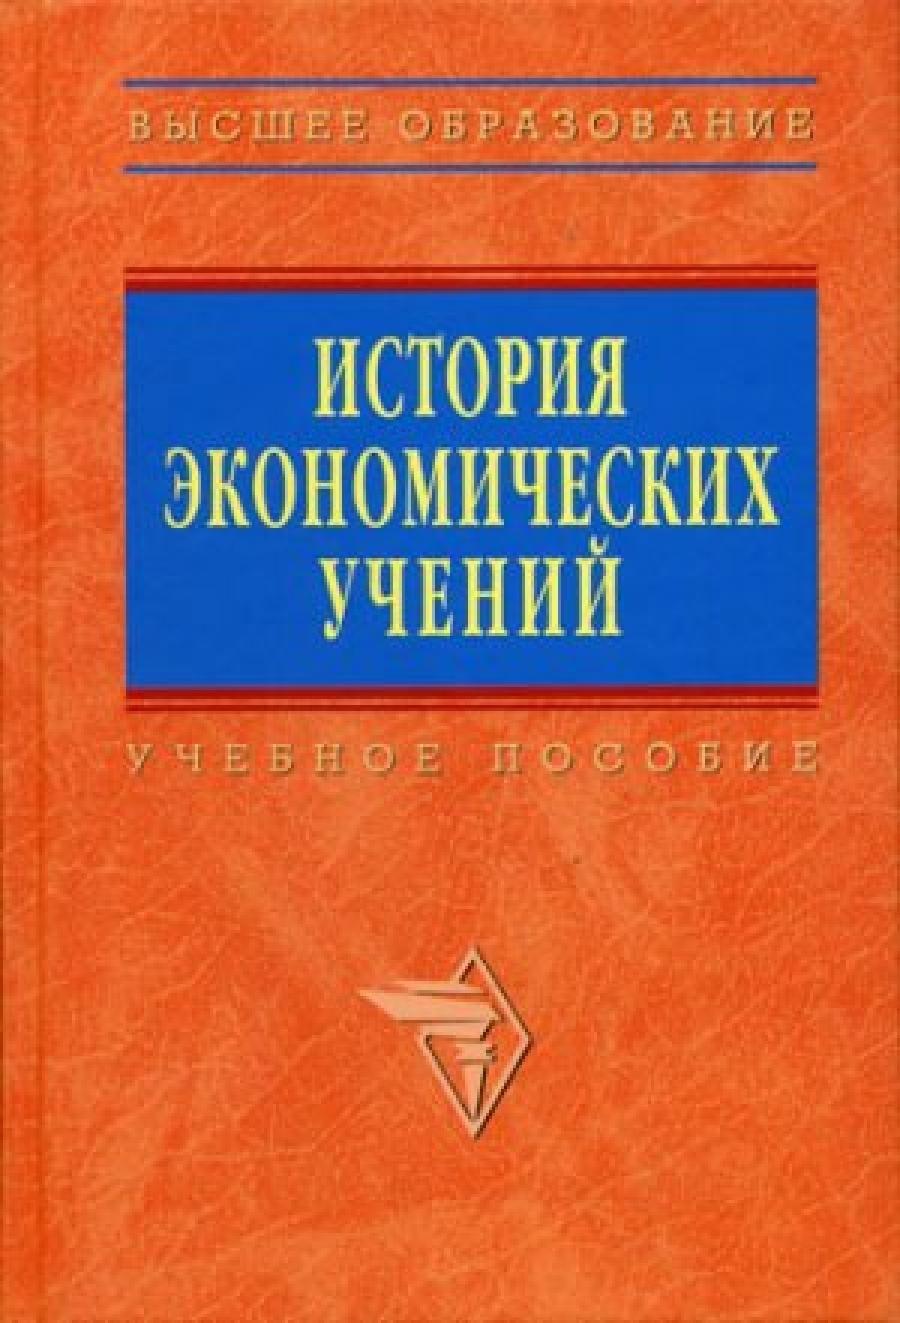 Обложка книги:  в. с. автономов, о. и. ананьин, н. а. макашева - история экономических учений